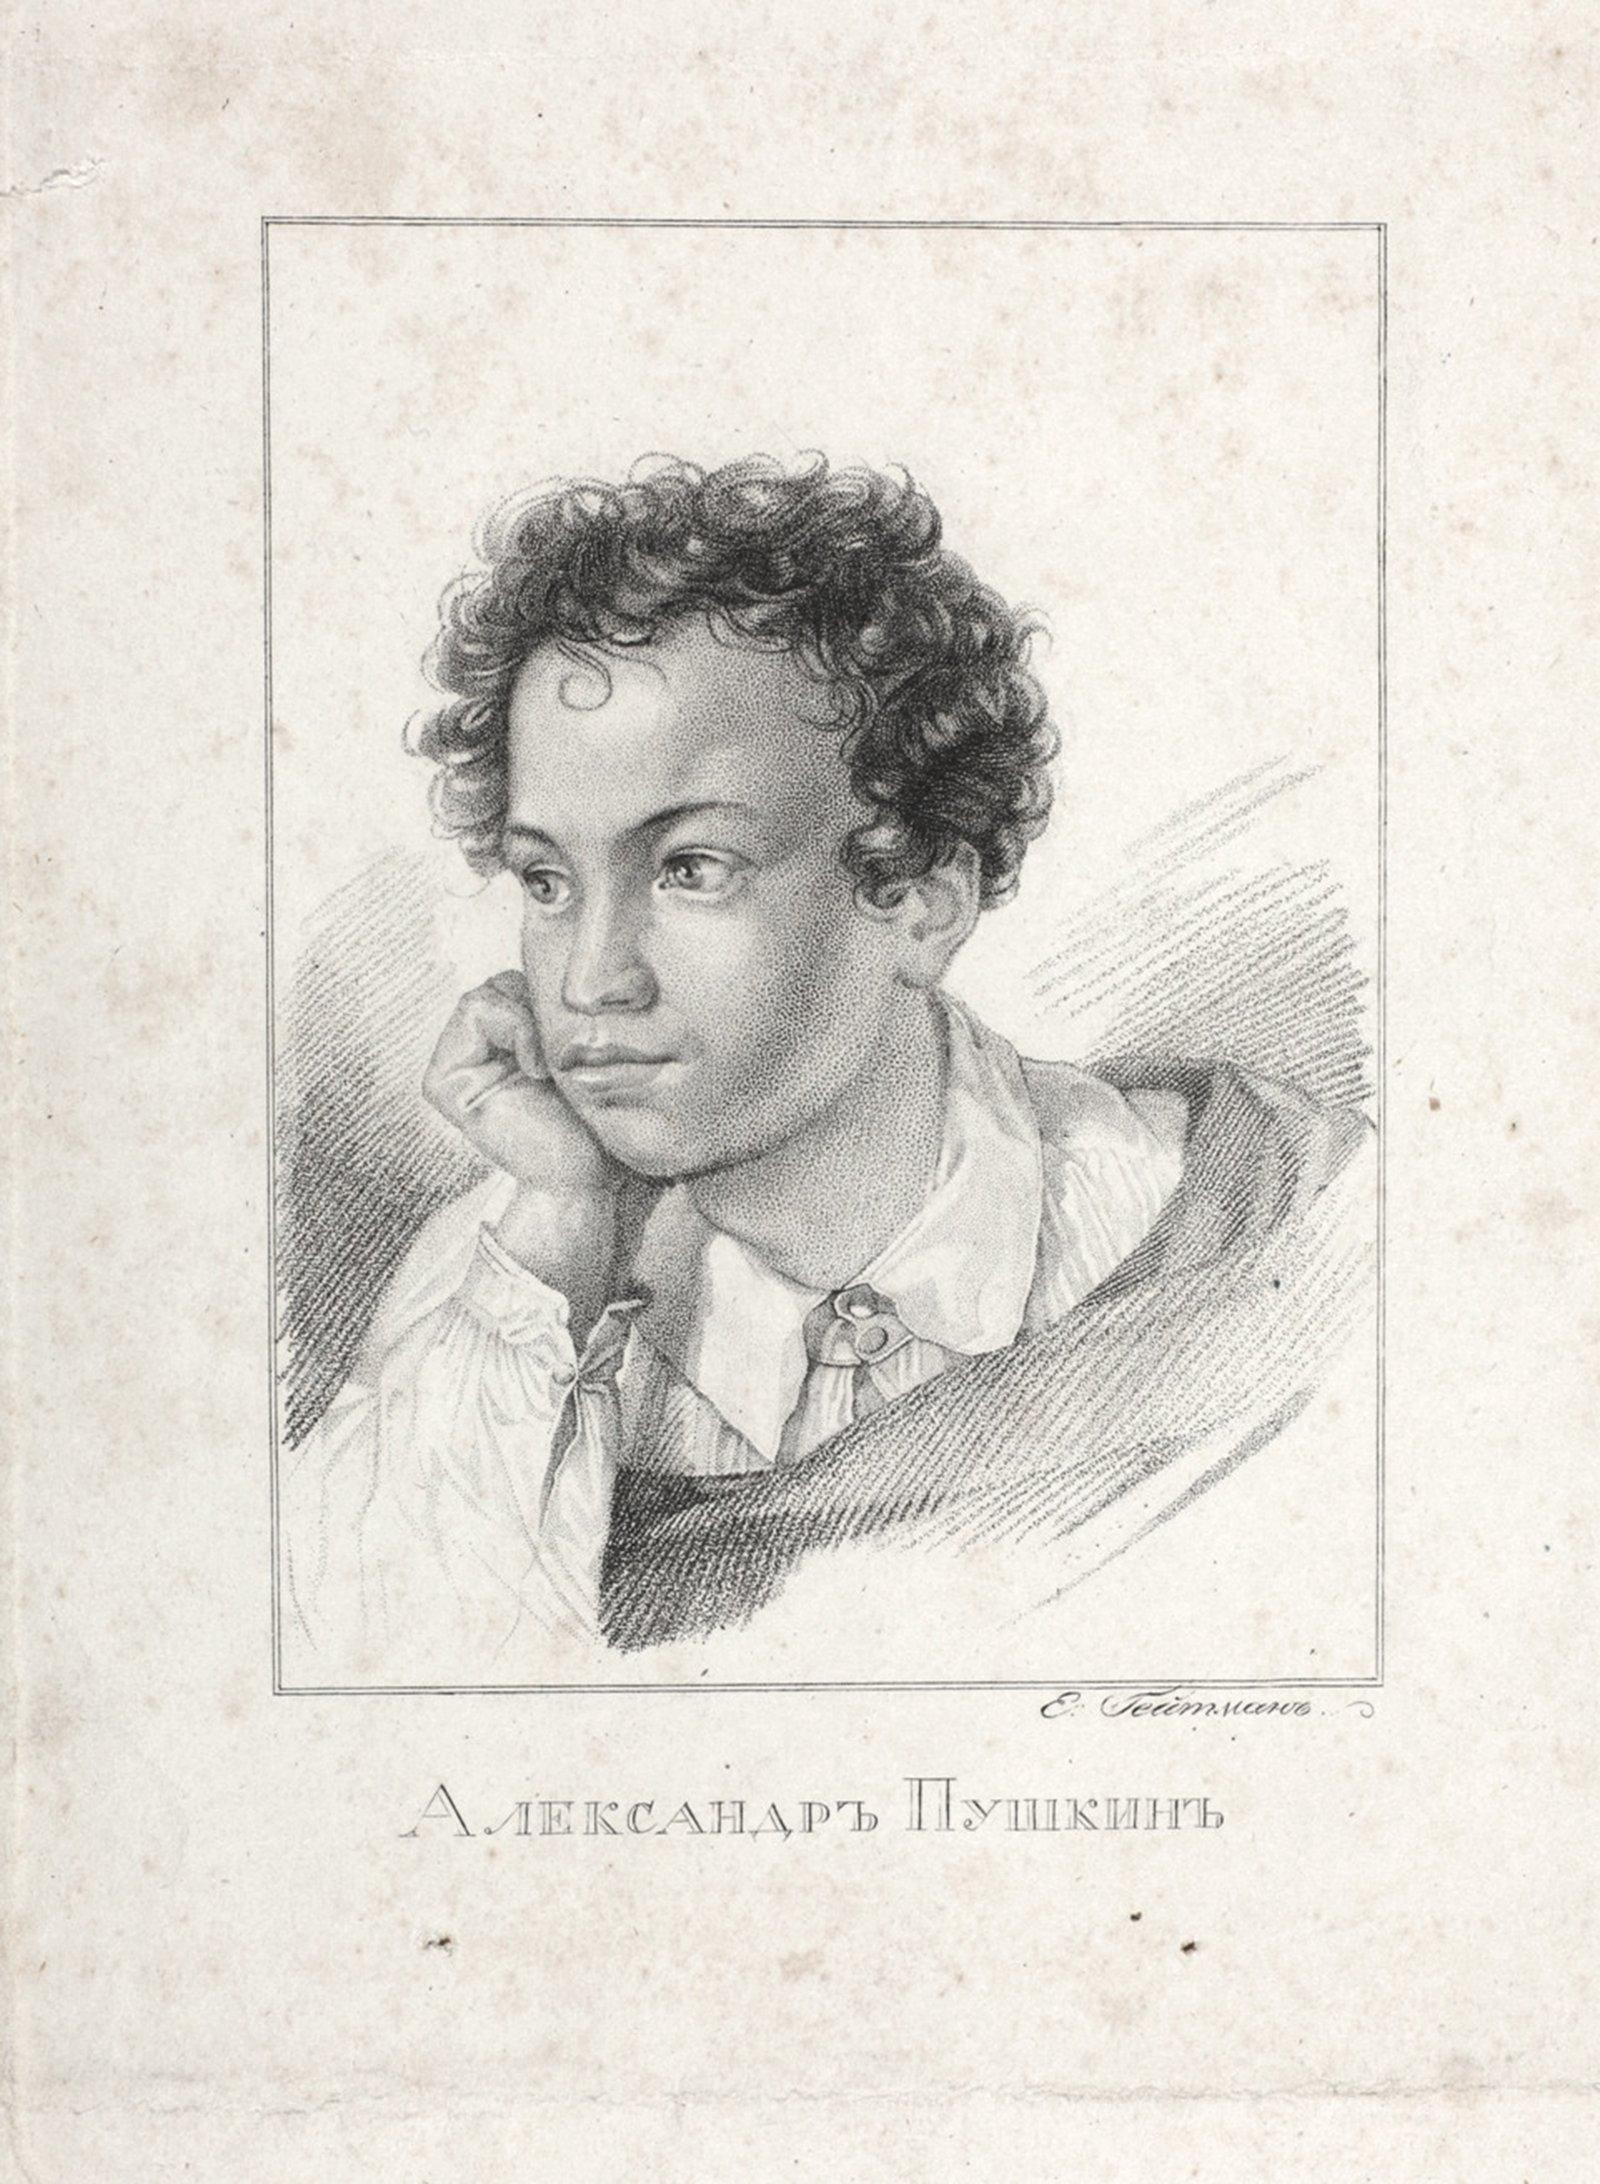 Е. Гейтман. Портрет А.С. Пушкина. 1822 год. Государственный музей А.С. Пушкина